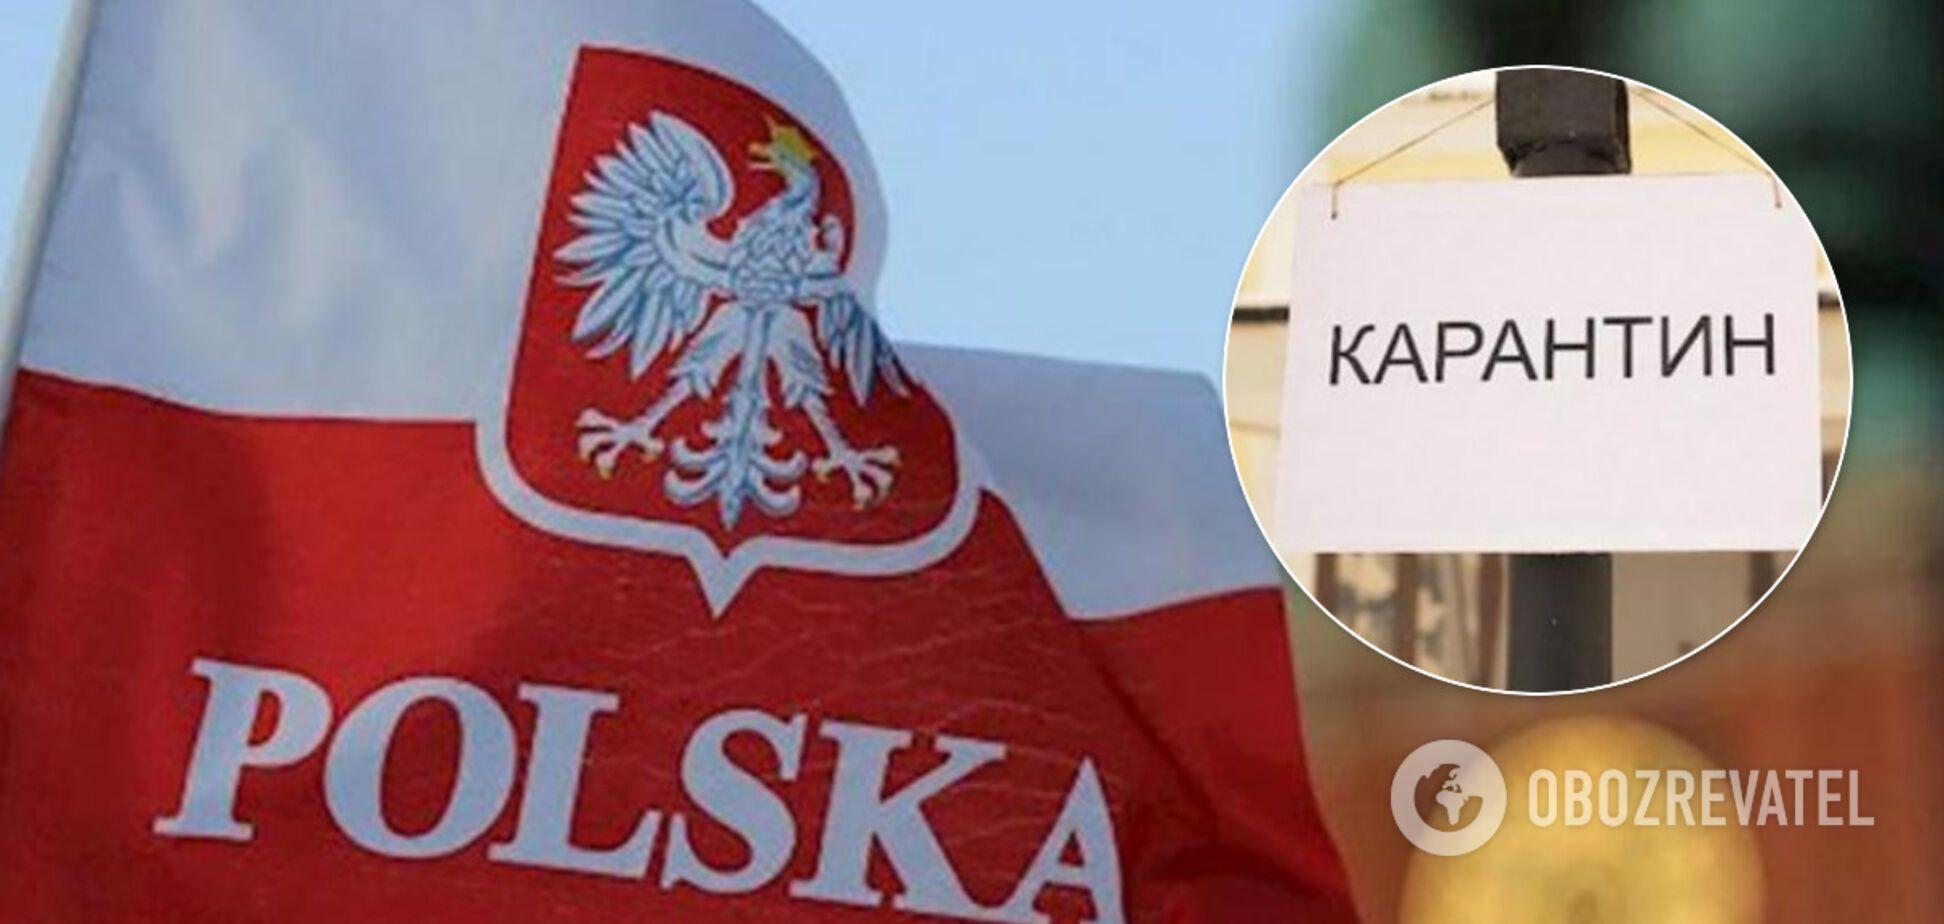 'Відкриваємо економіку': в Польщі заявили про значне послаблення карантину